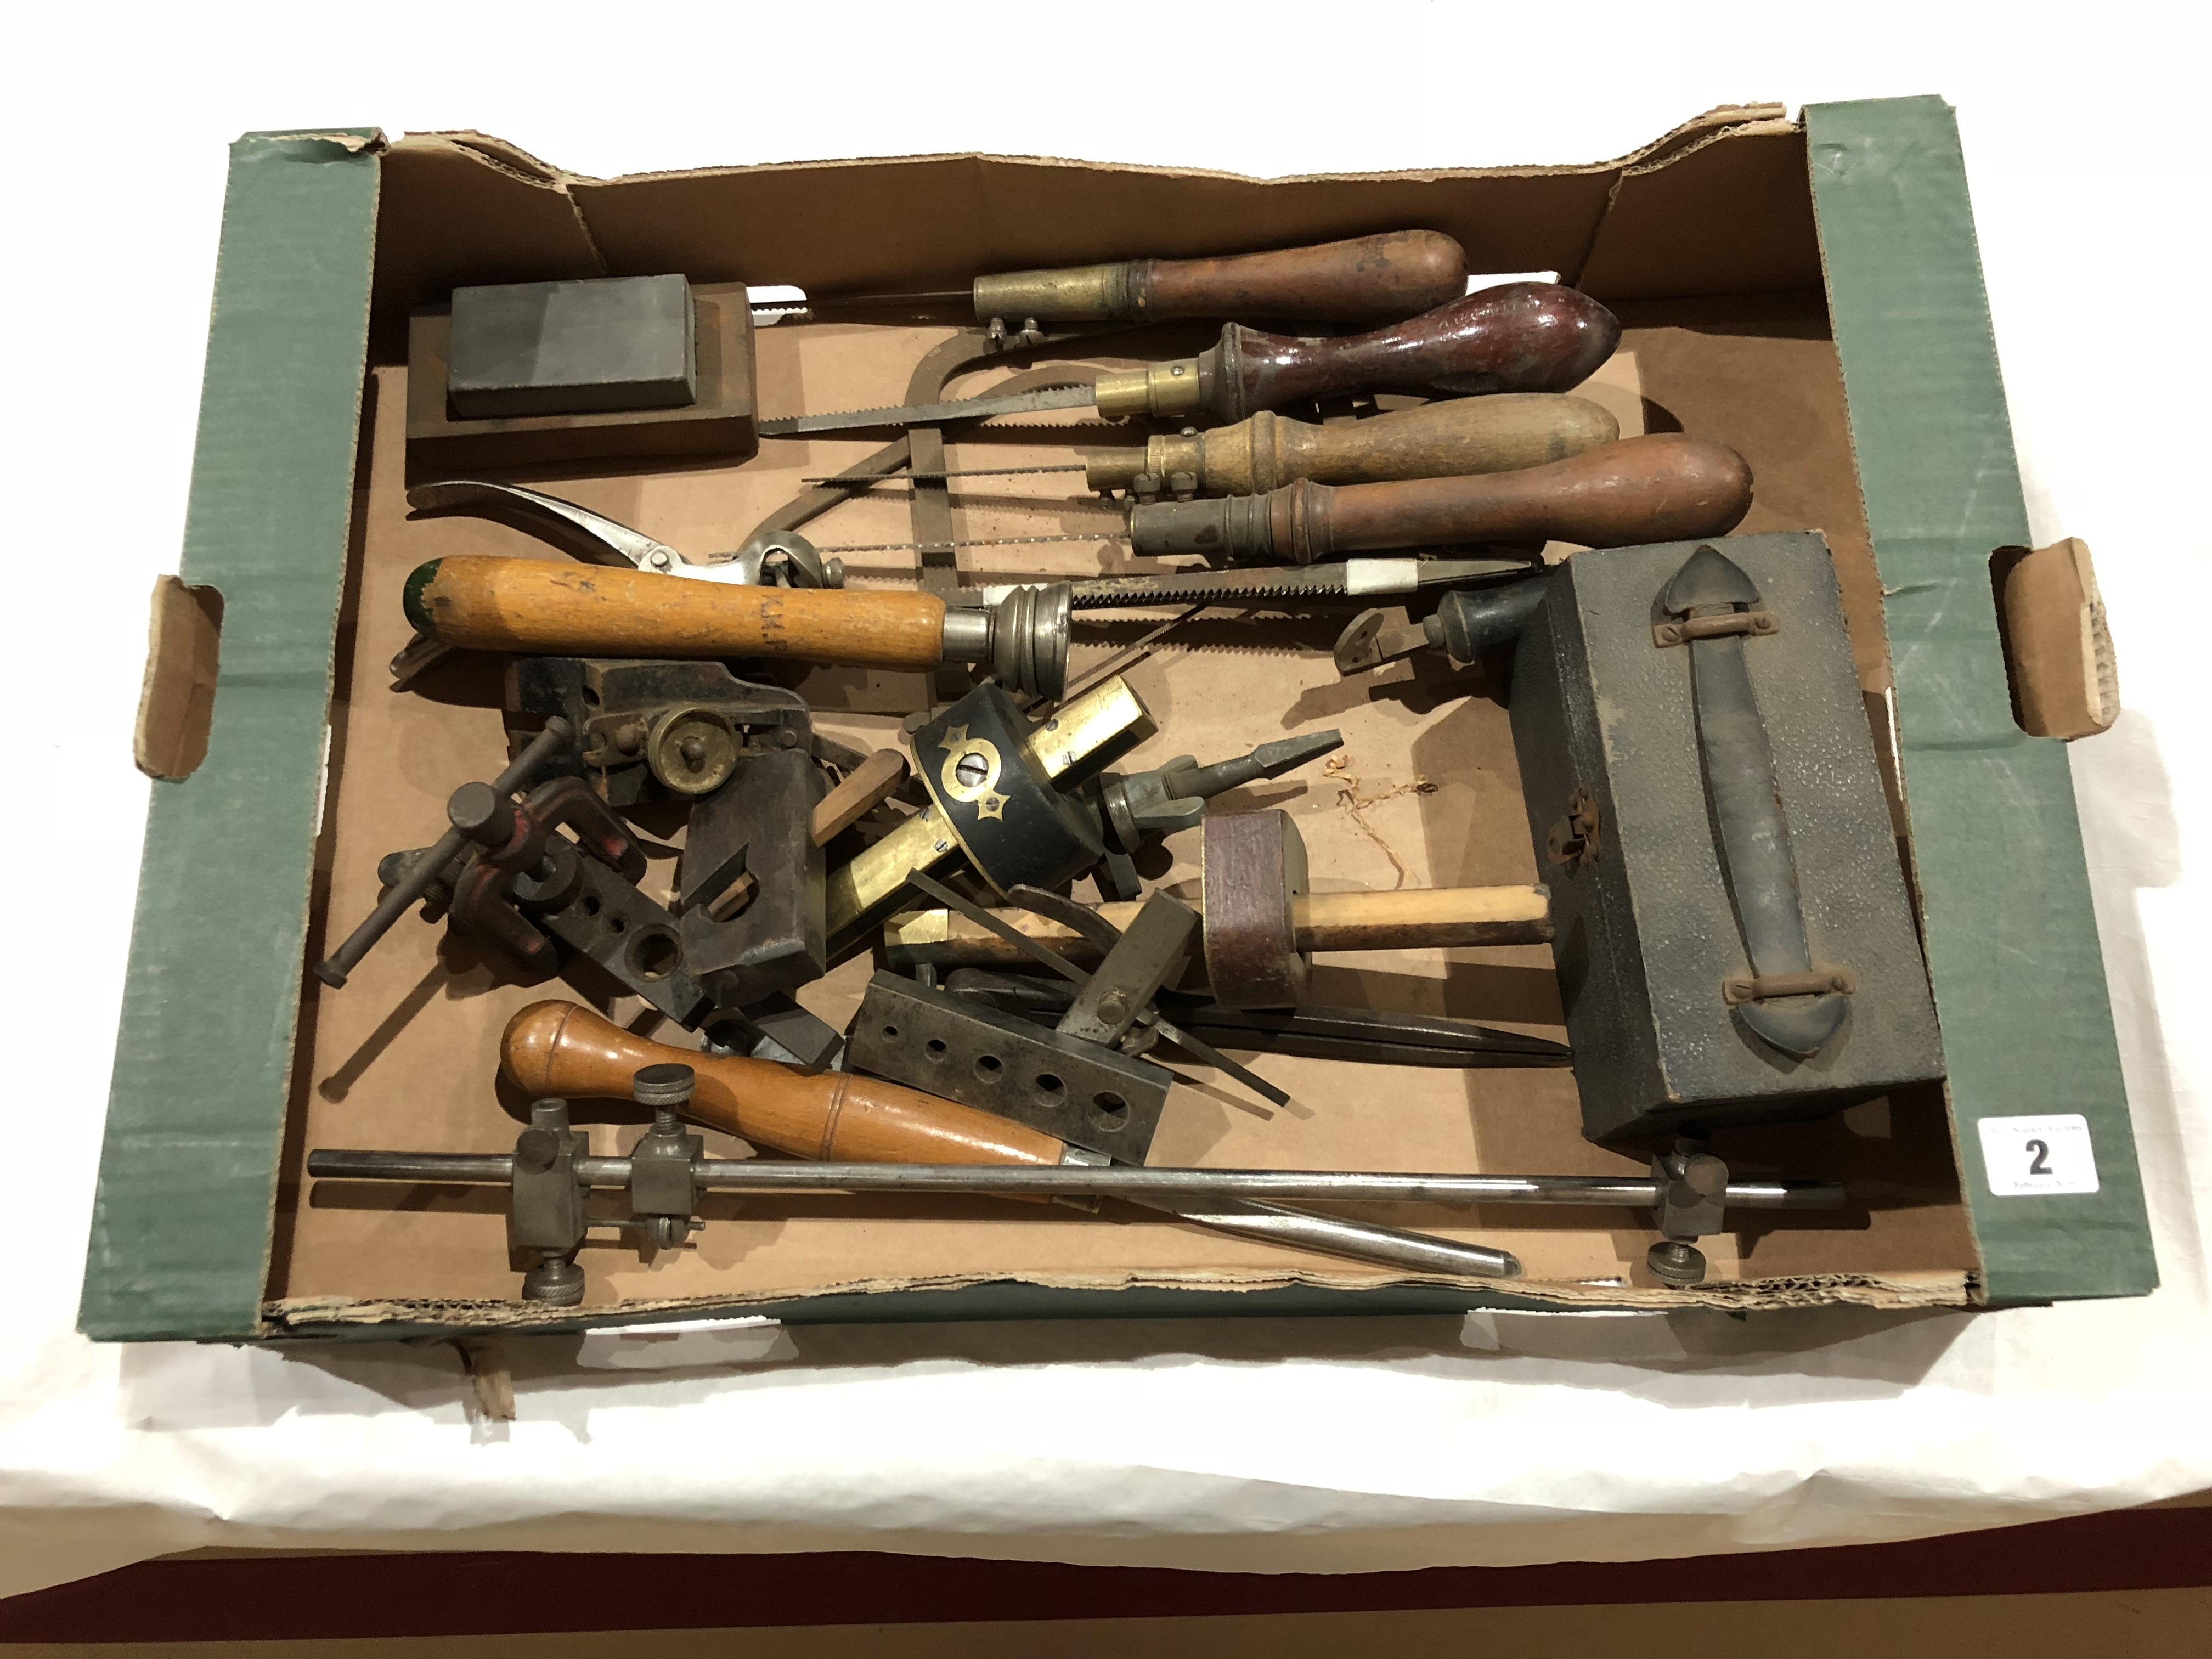 Lot 2 - A box of tools